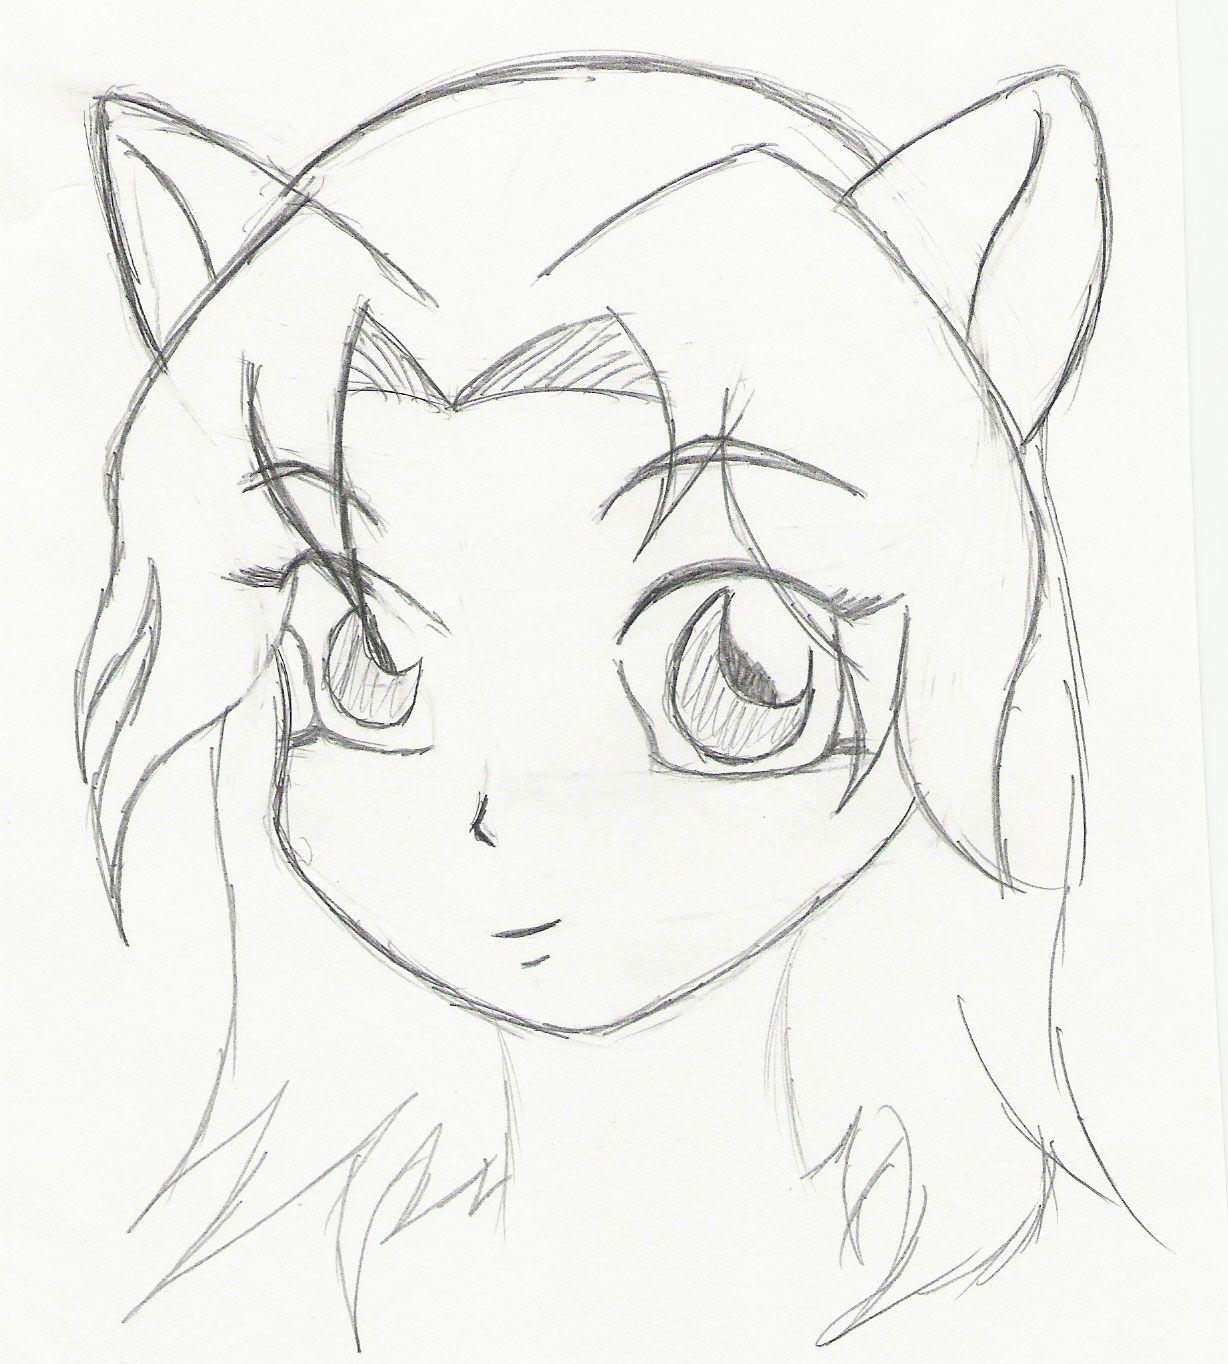 Anime Drawings Easy